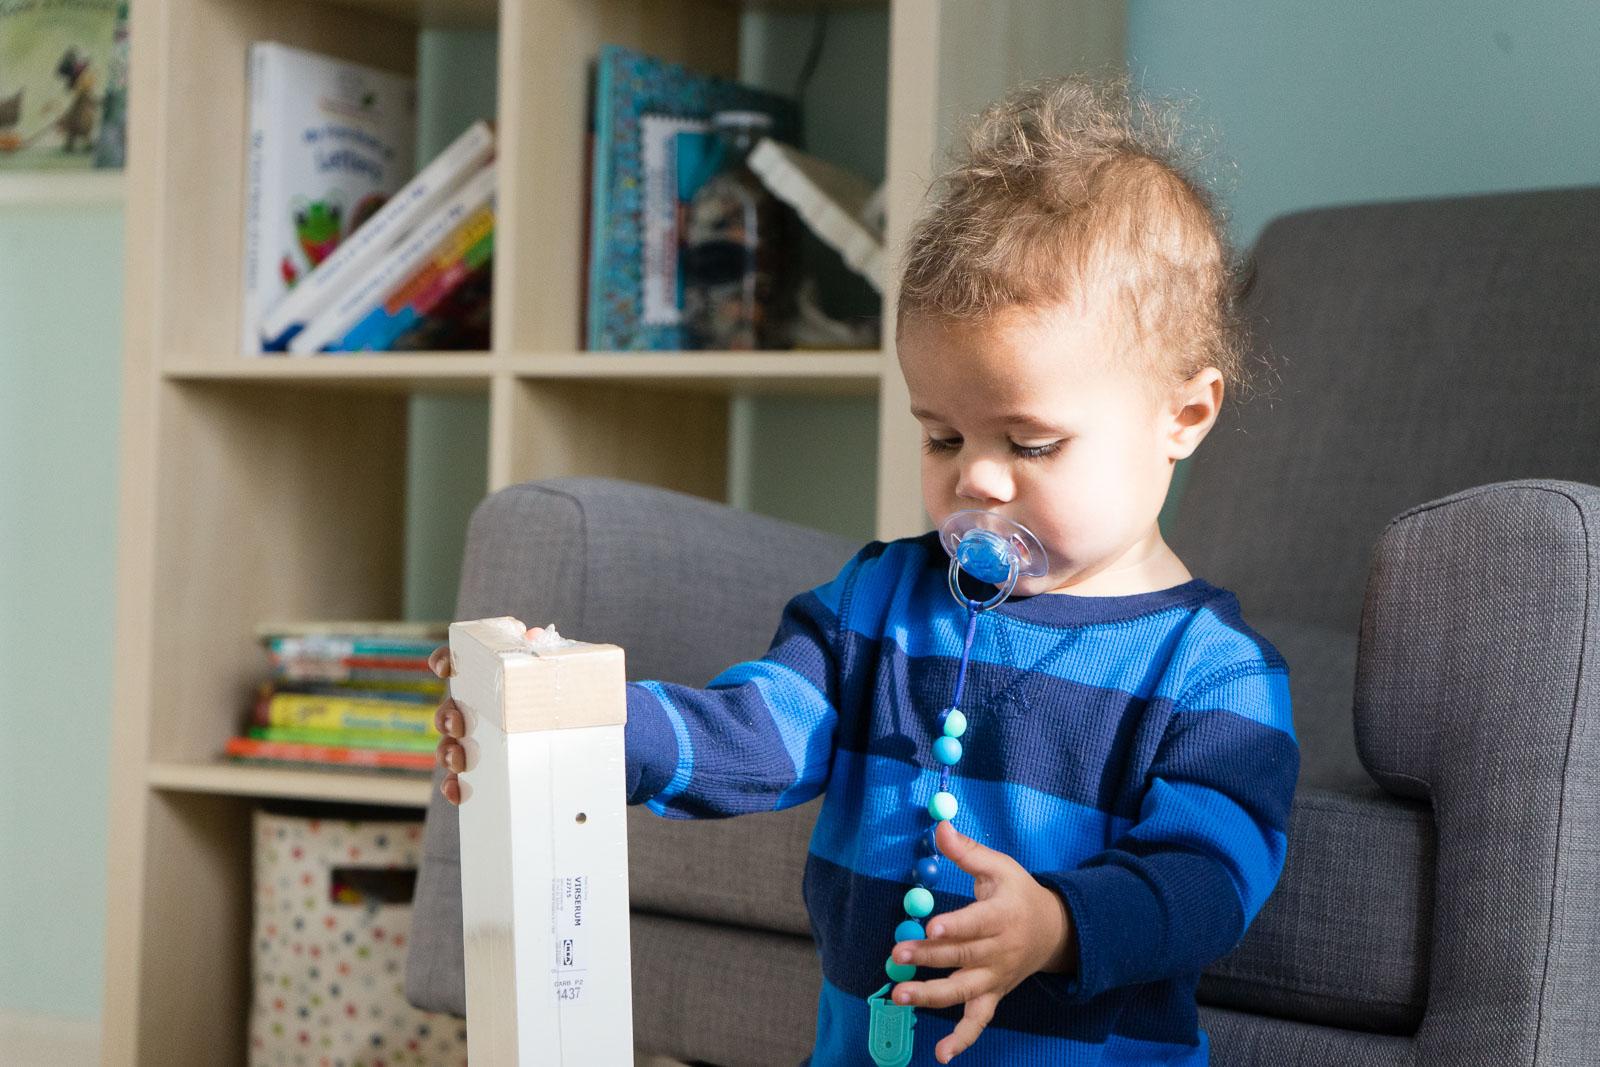 nursery-room_toddler-books_DIY_-book-display-17.jpg